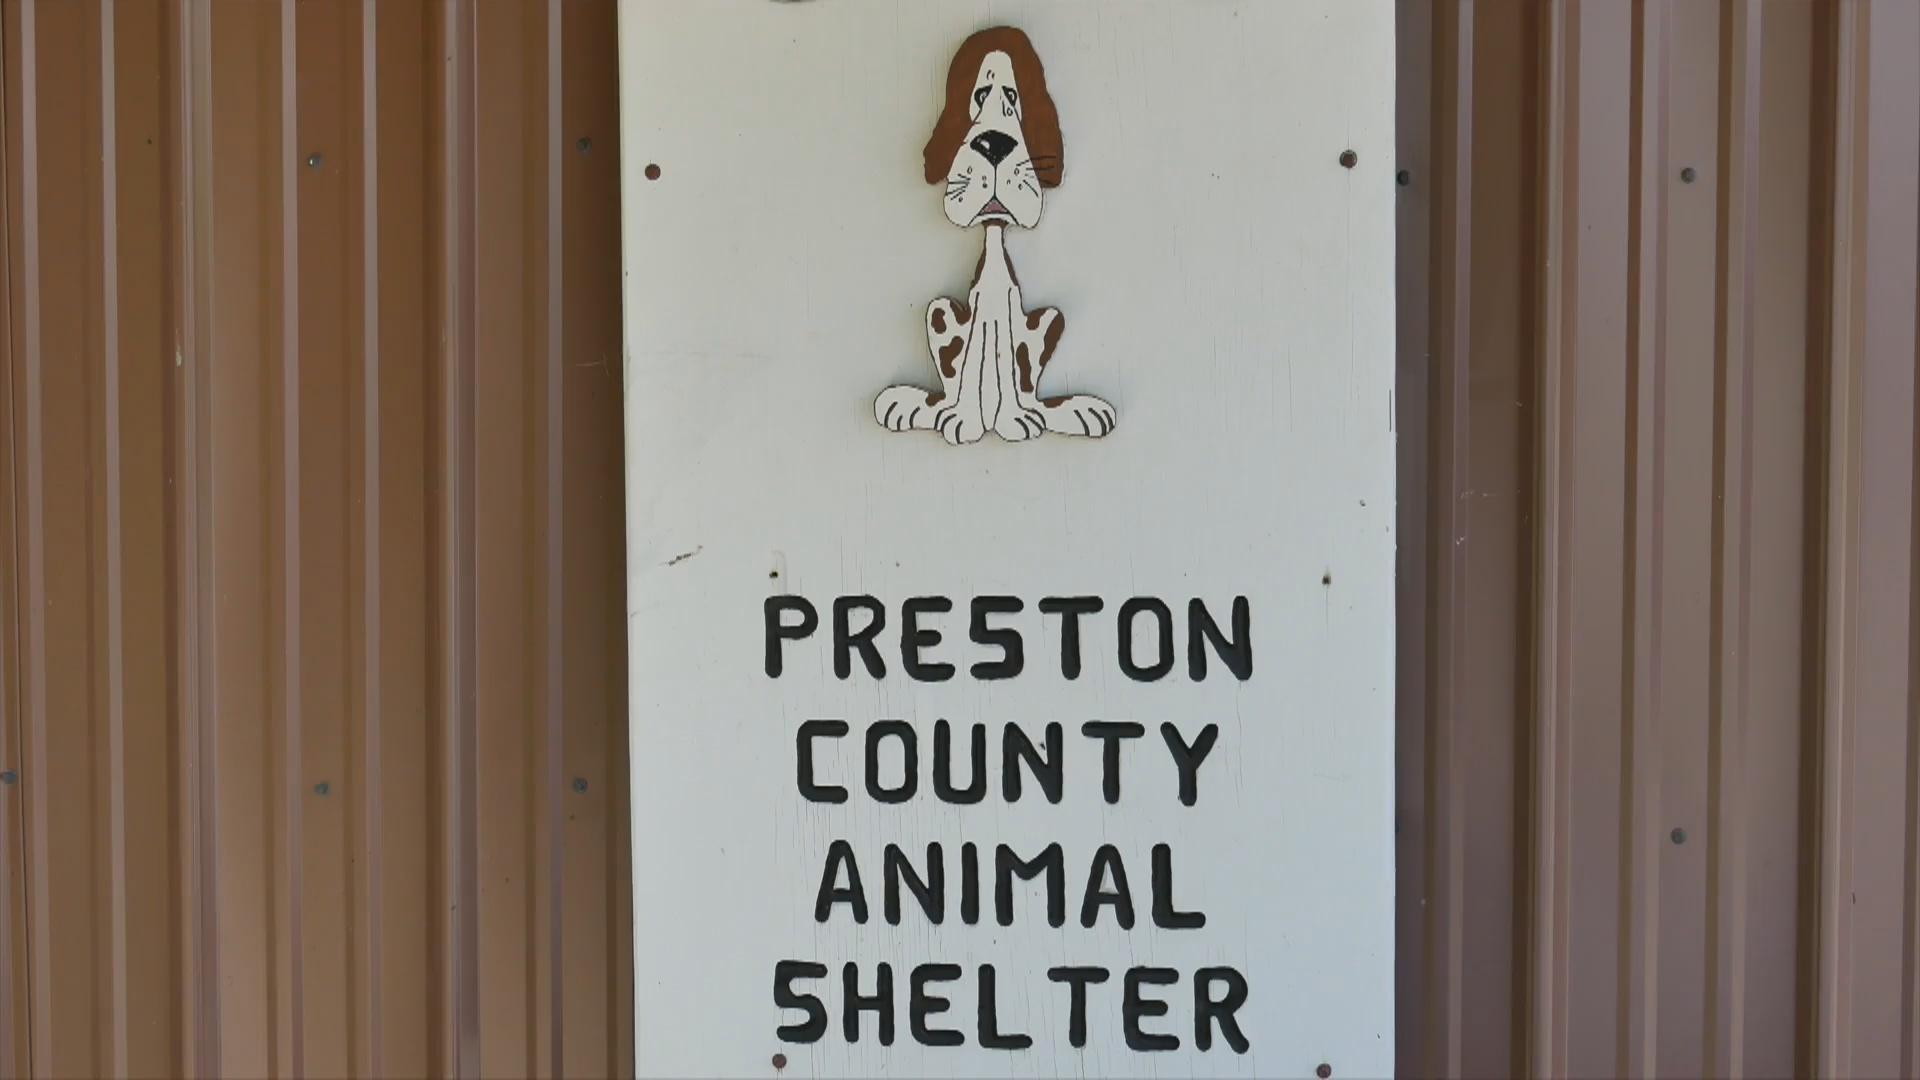 PRESTON COUNTY ANIMAL SHELTER.jpg